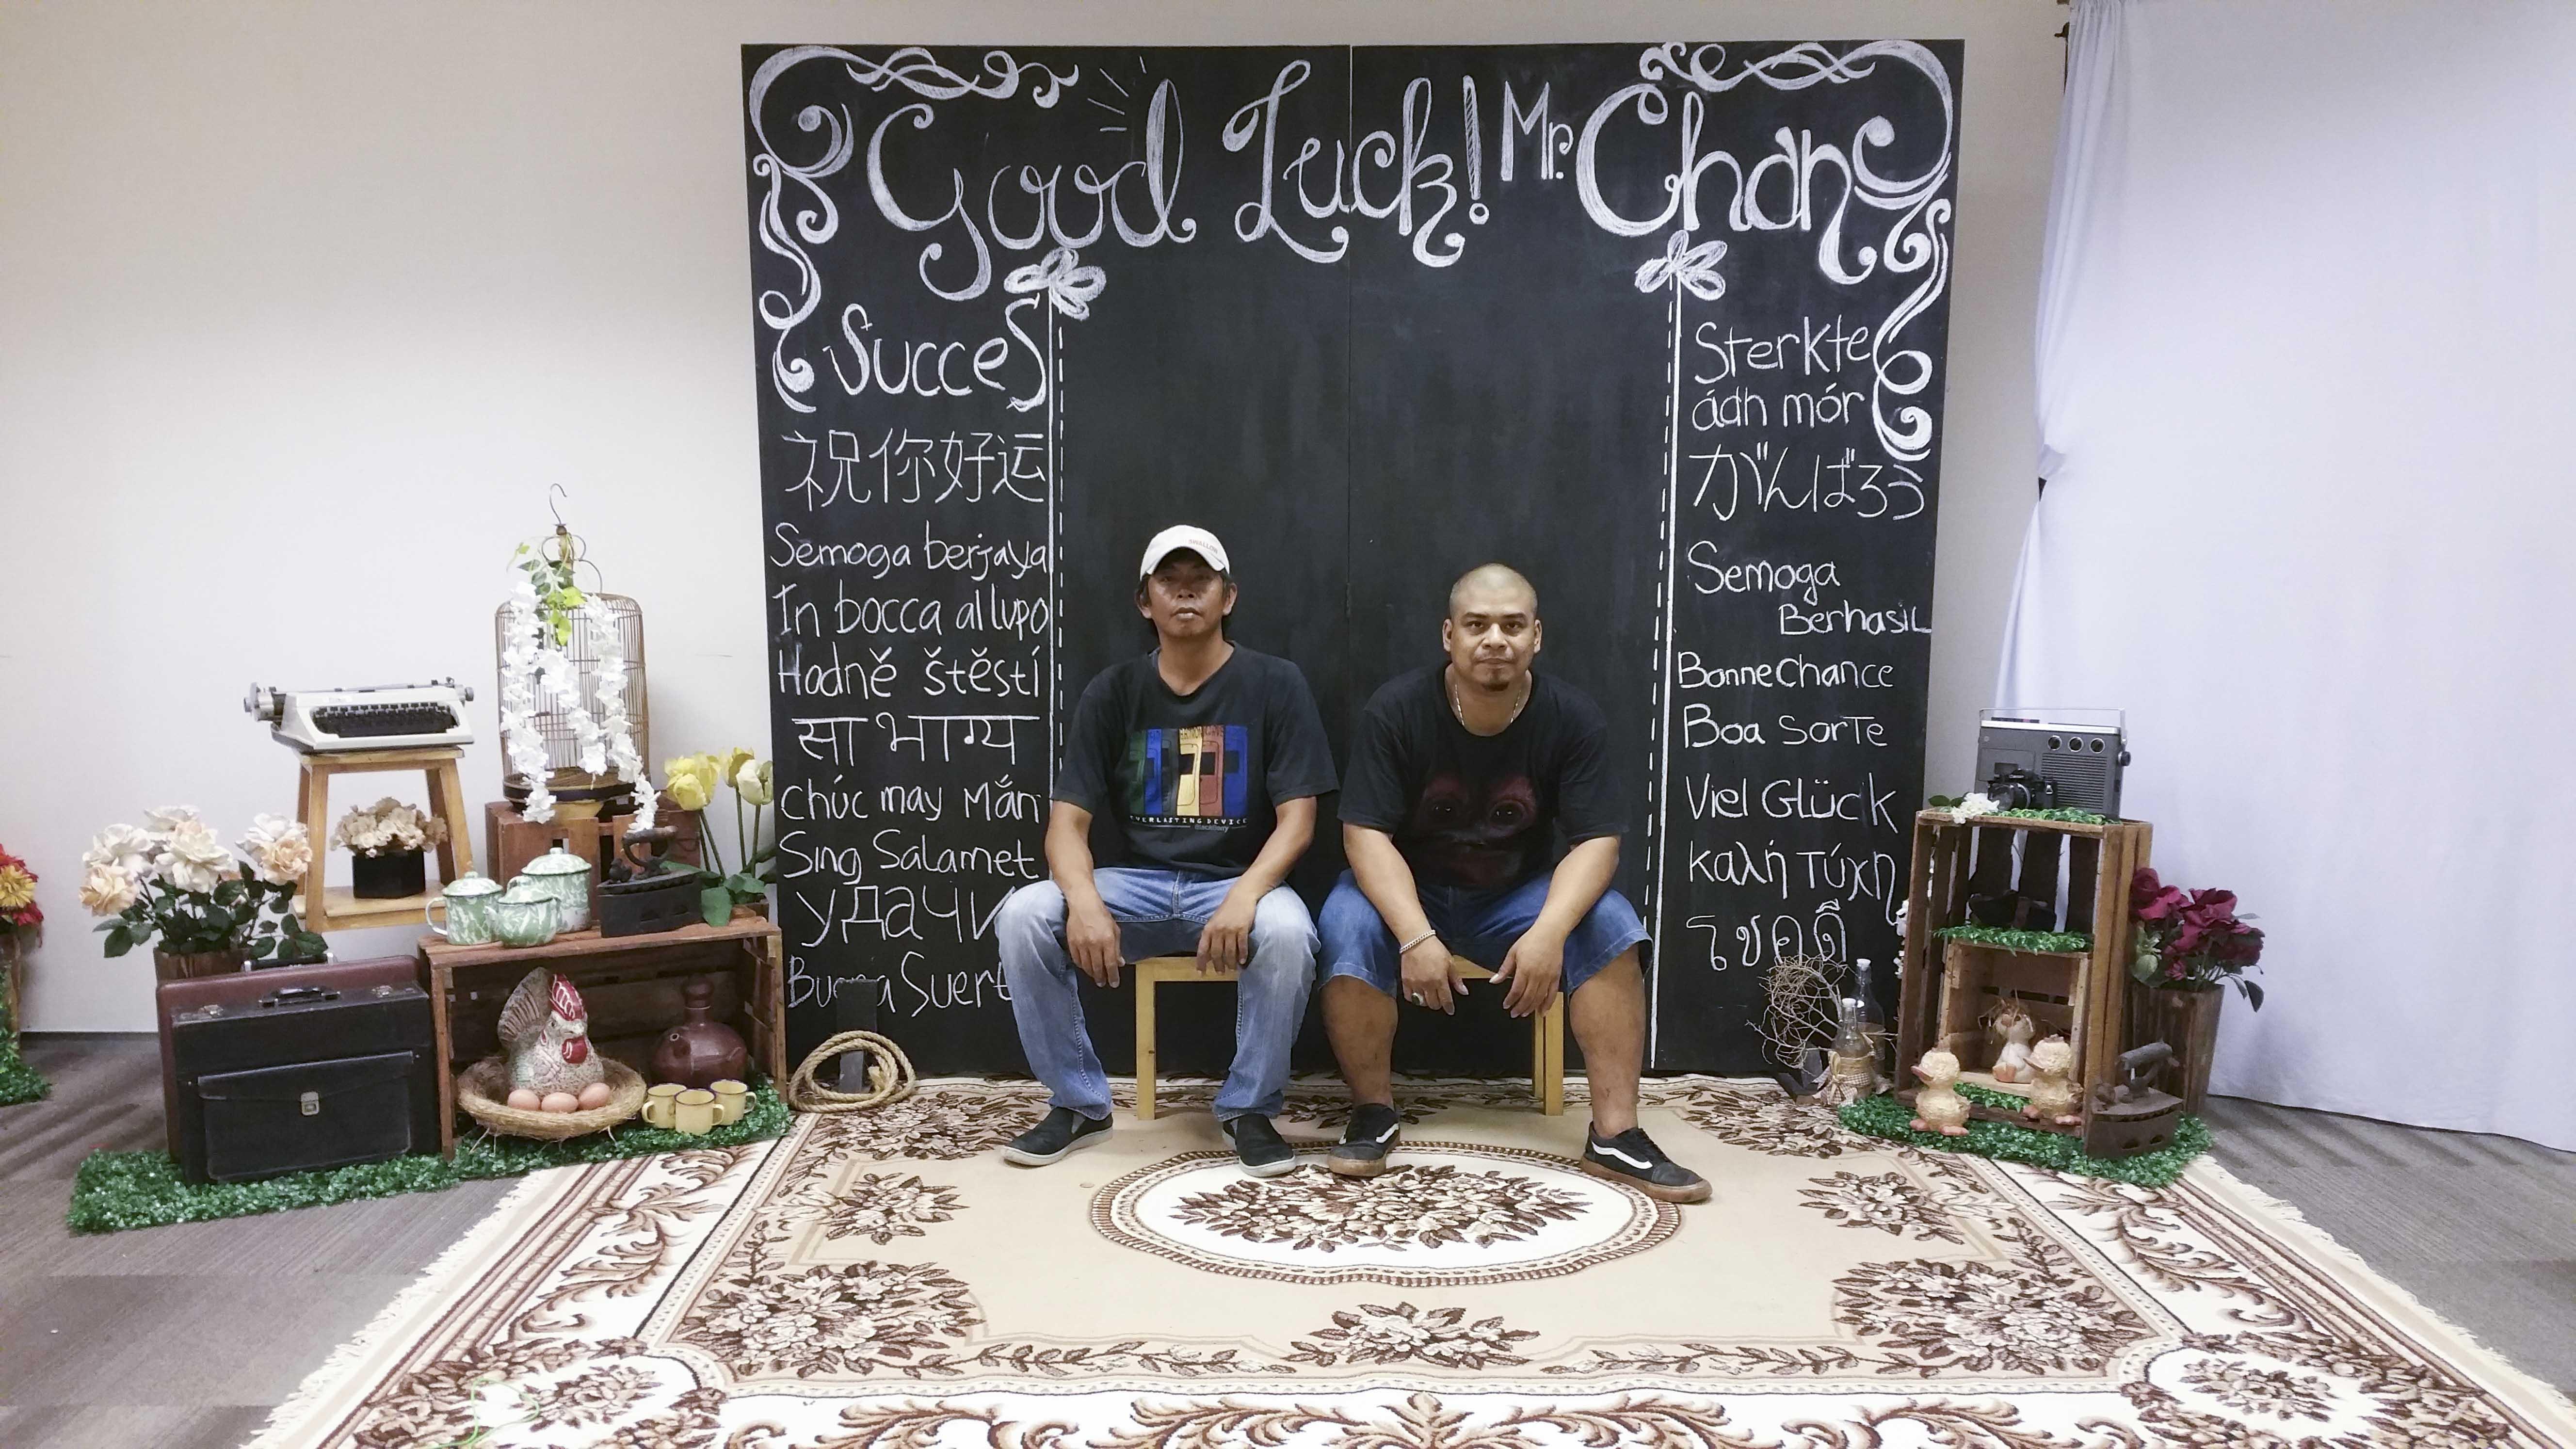 chalkboard-blackboard